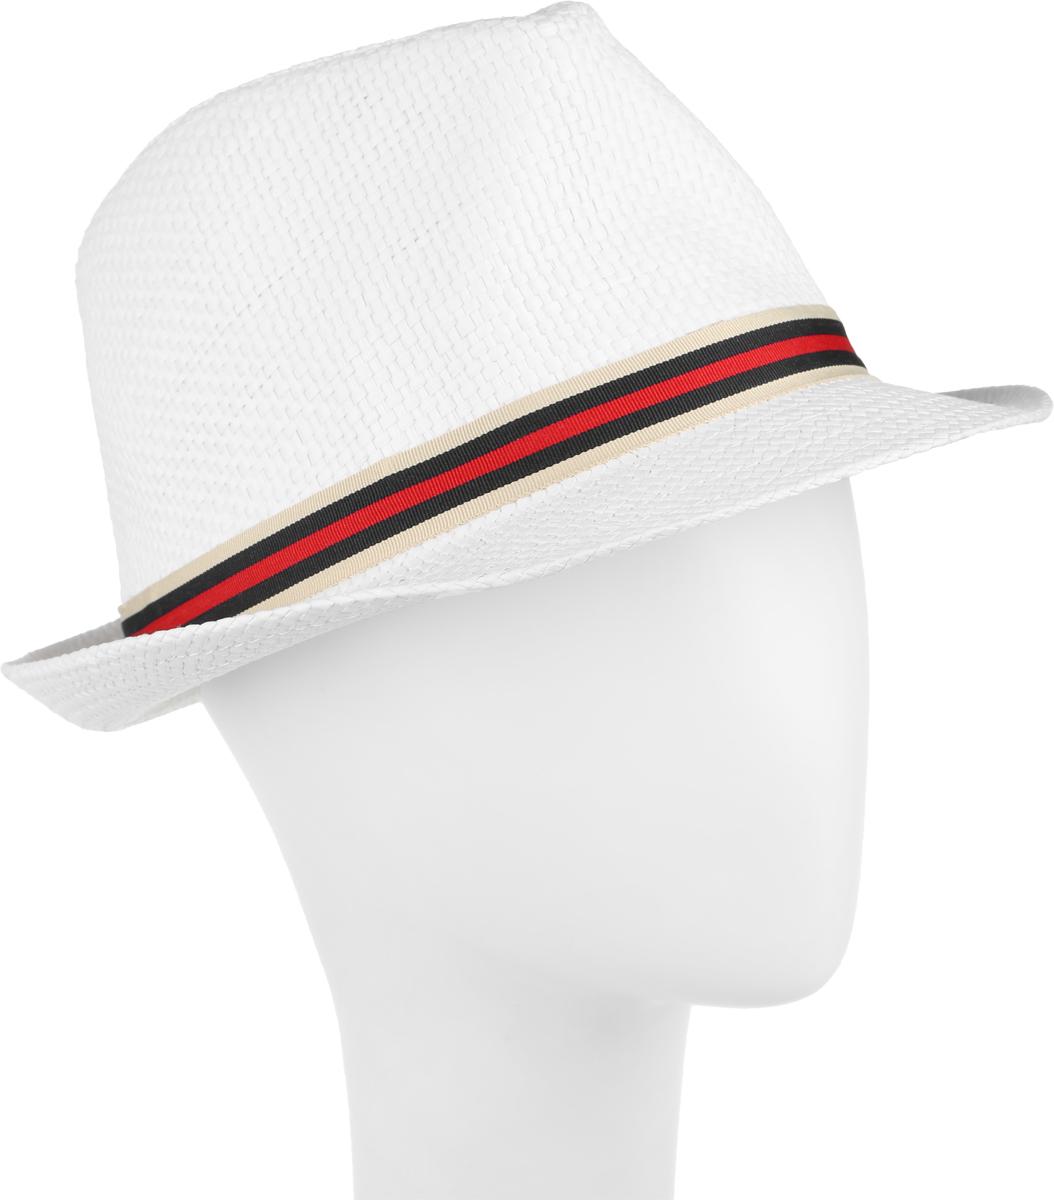 Шляпа женская Fabretti, цвет: белый. V2-4. Размер универсальныйV2-4 WHITEСтильная шляпа от Fabretti для пляжного отдыха и прогулок в солнечные дни.